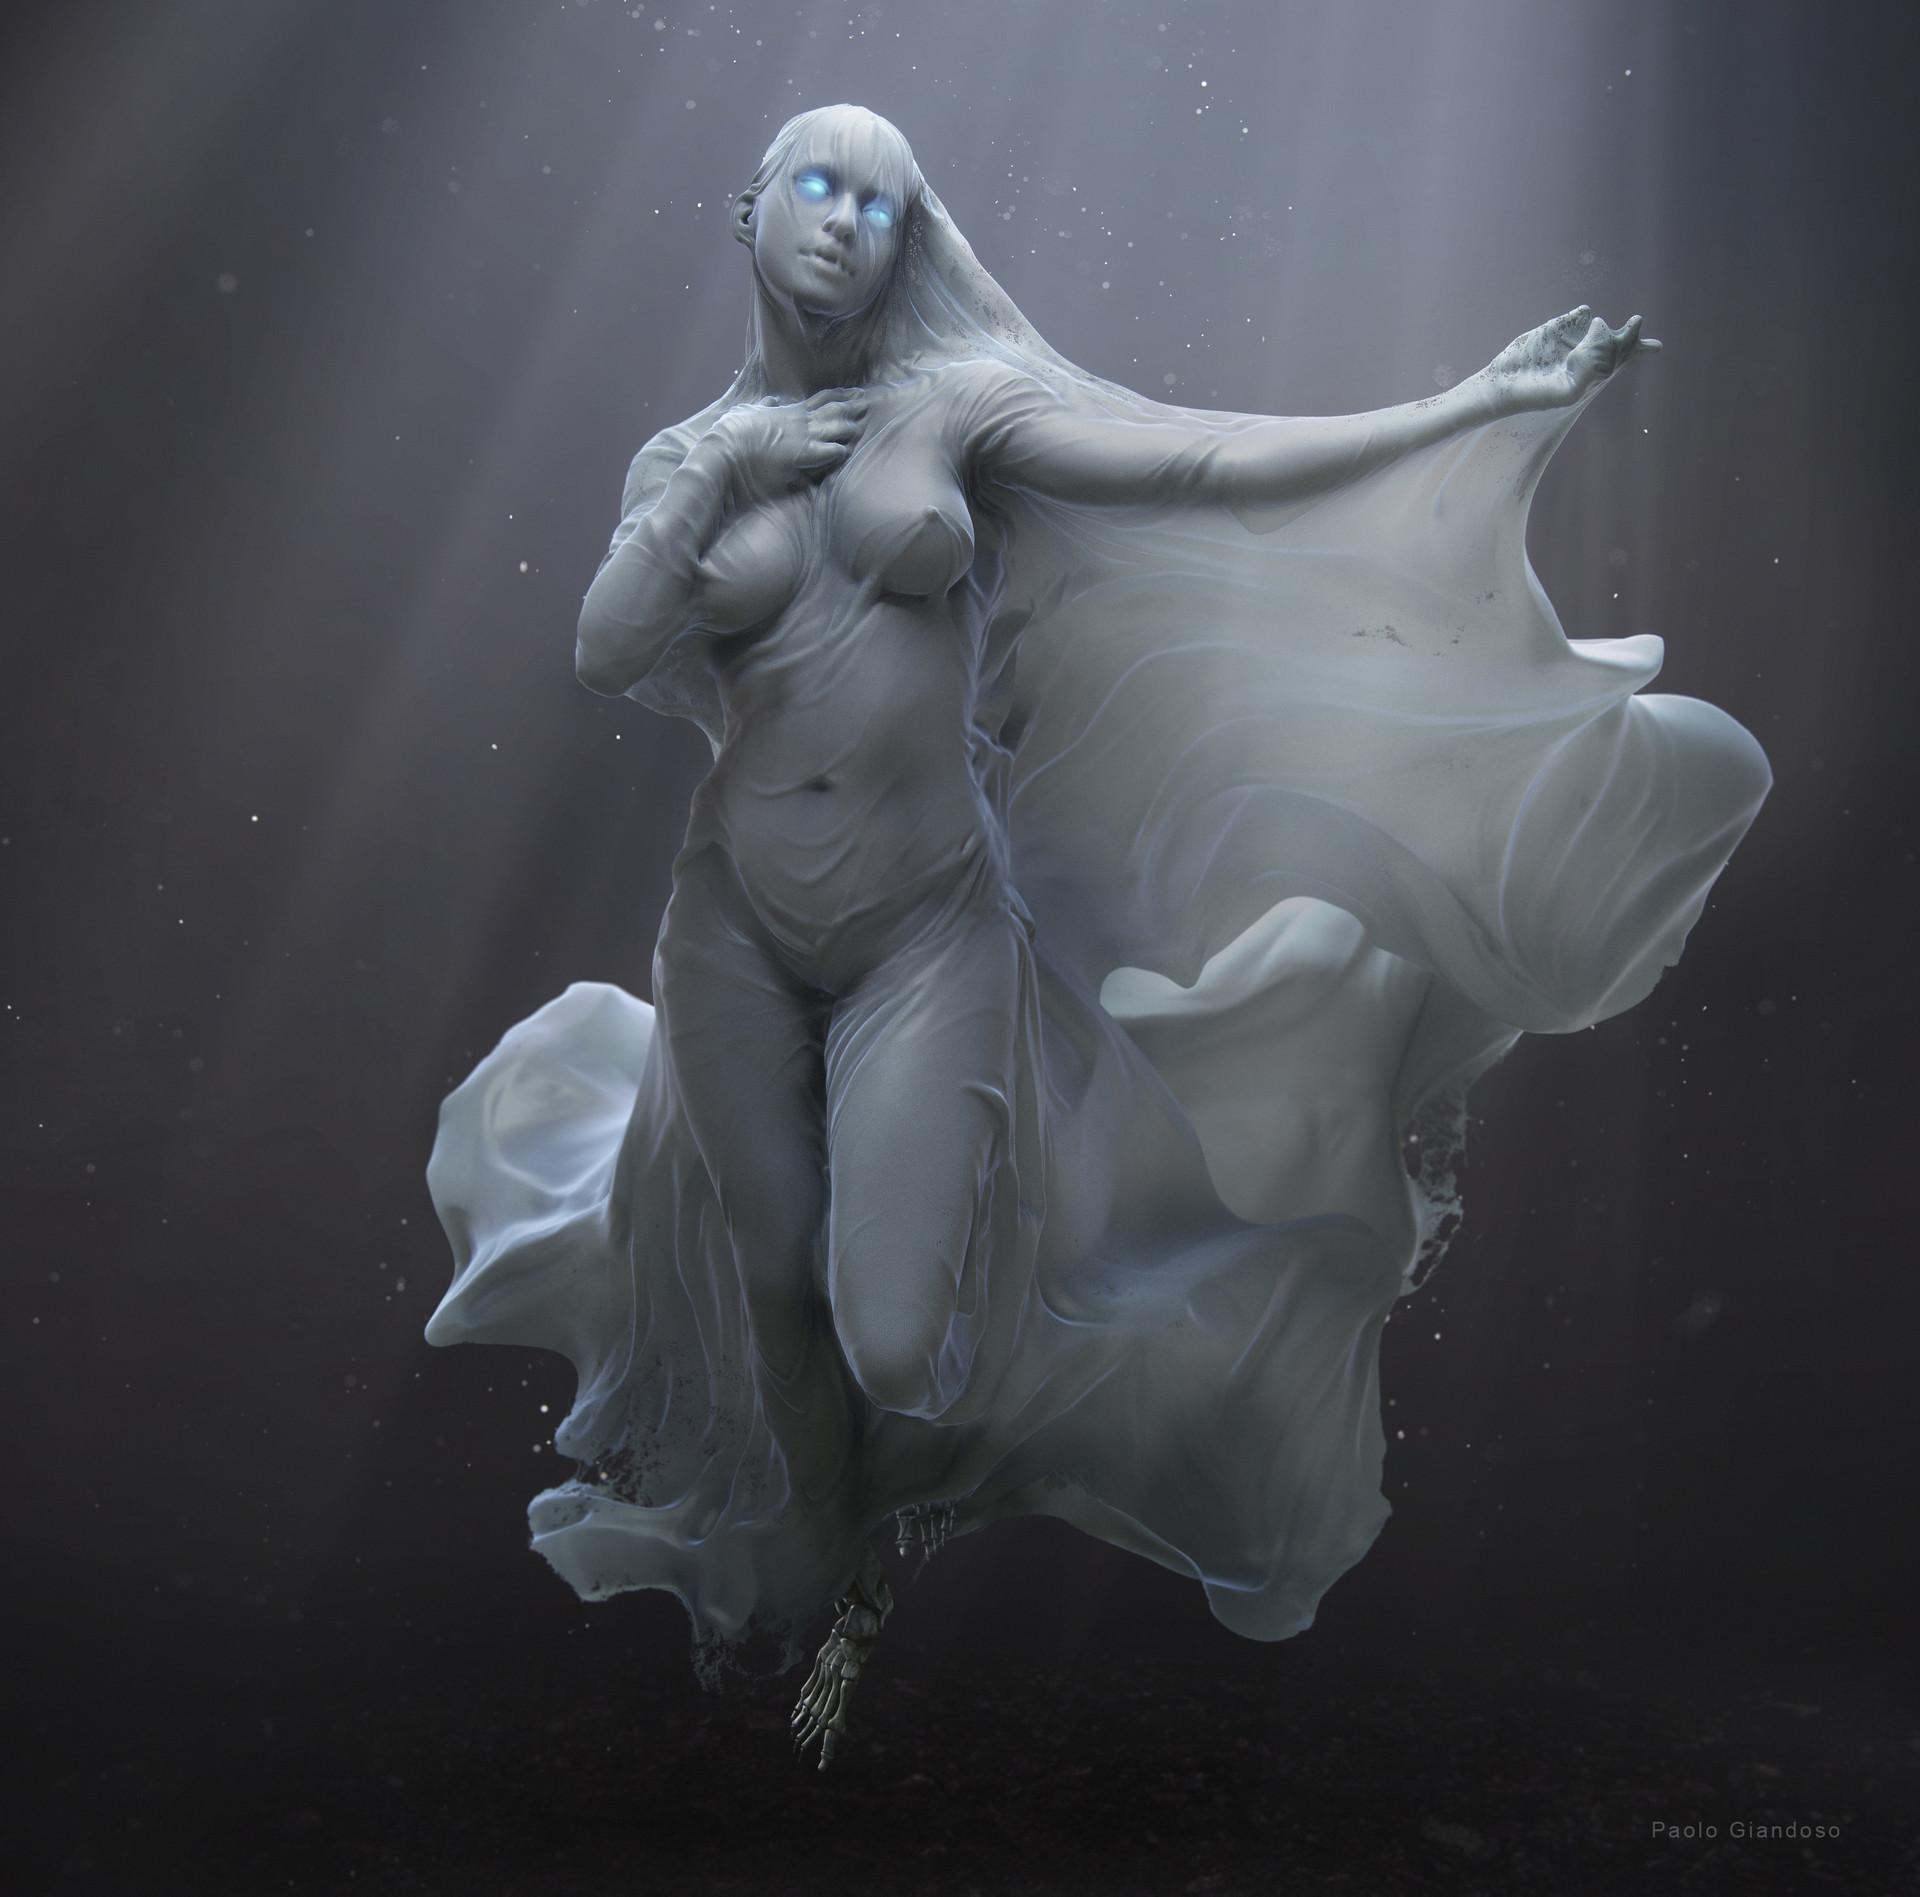 """giandoso pale night 3d """"Pale Night"""", la Madre dei Demoni - by Paolo Giandoso www.artstation.com (12-2015) © dell'autore tutti i diritti riservati"""